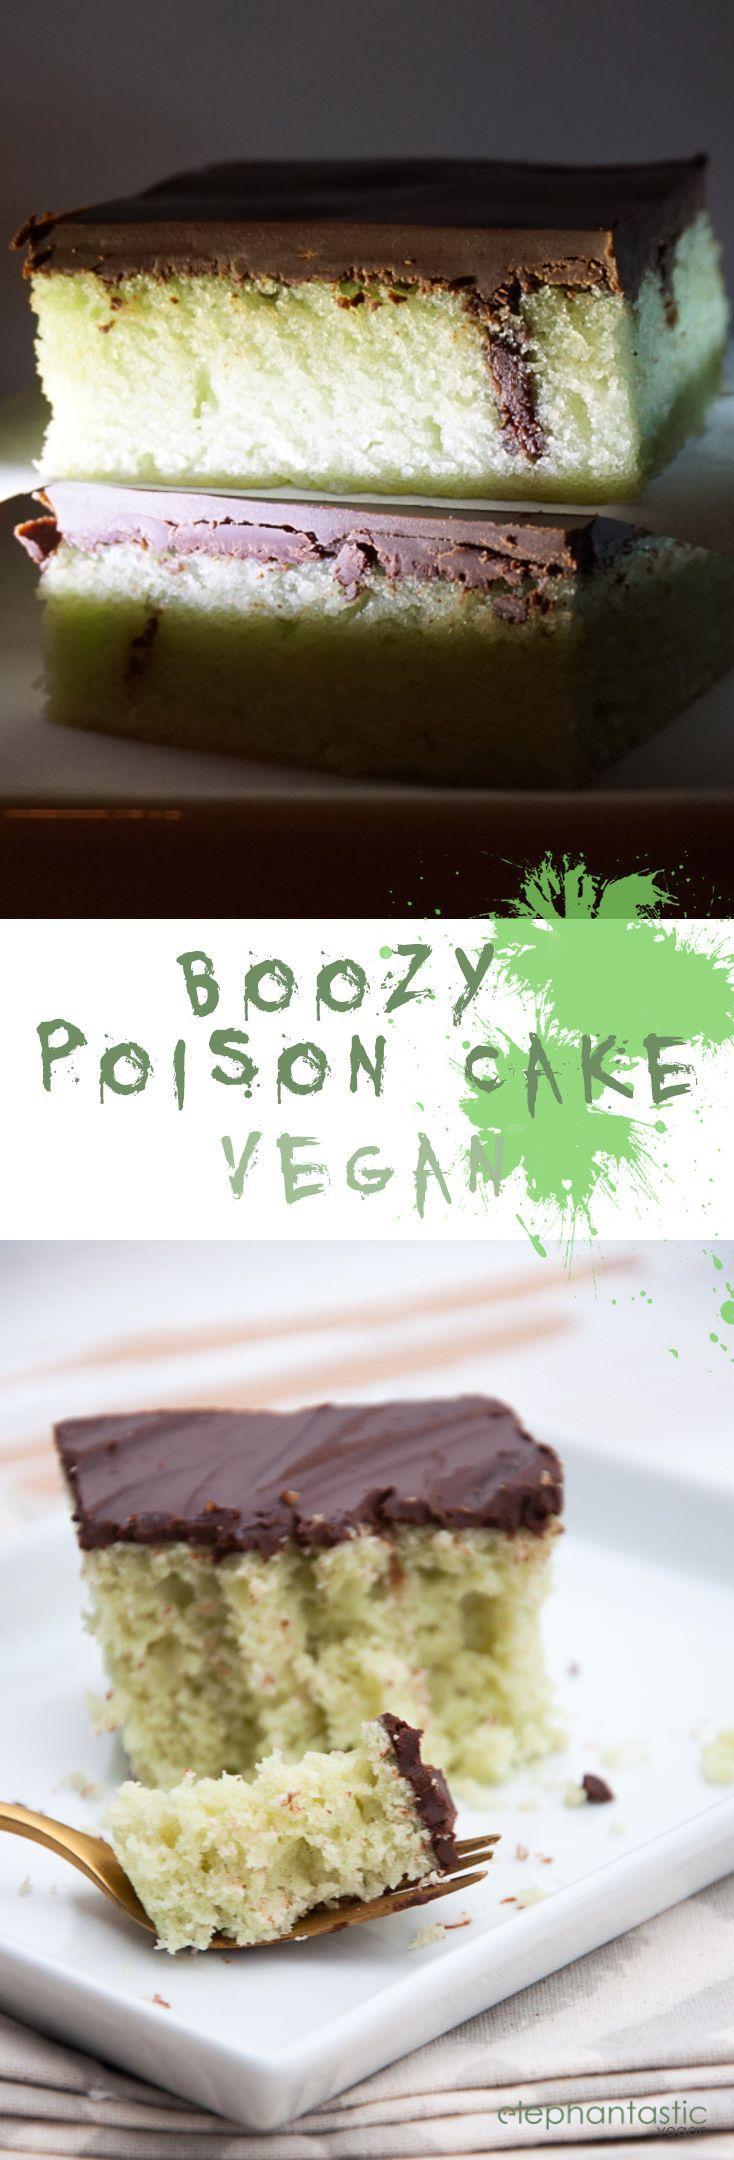 Boozy Poison Cake   http://ElephantasticVegan.com